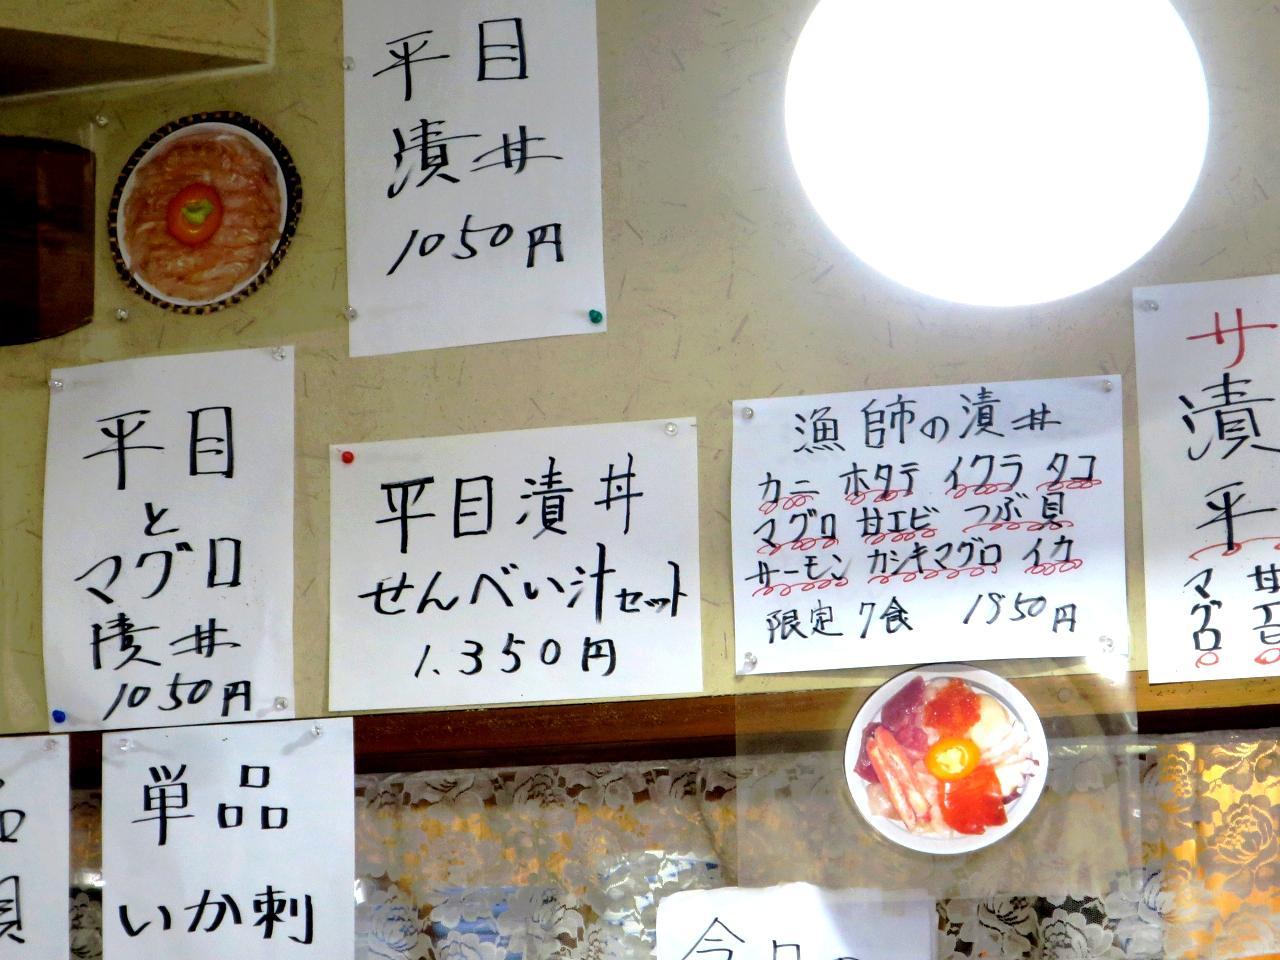 画像: カウンター上には、さまざまな海鮮丼メニューが。思わず目移りしてしまう